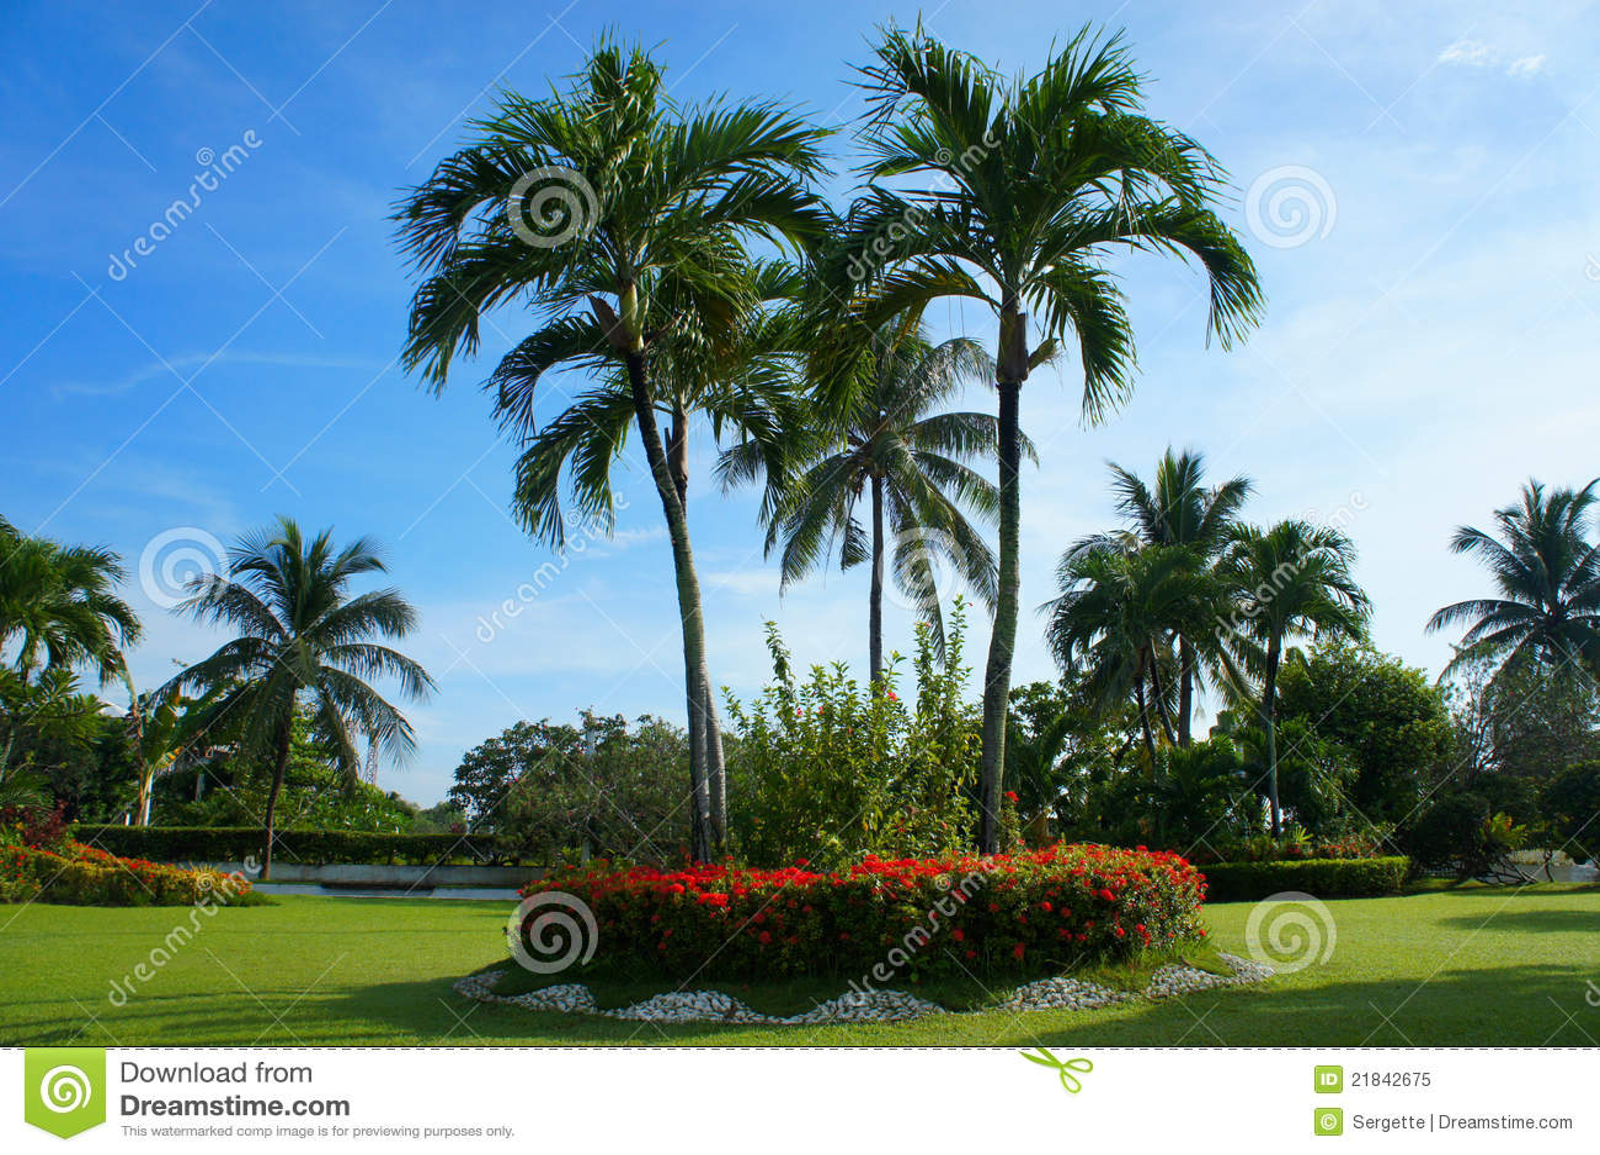 Palmeras en un jard n foto de archivo libre de regal as for Jardines con palmeras